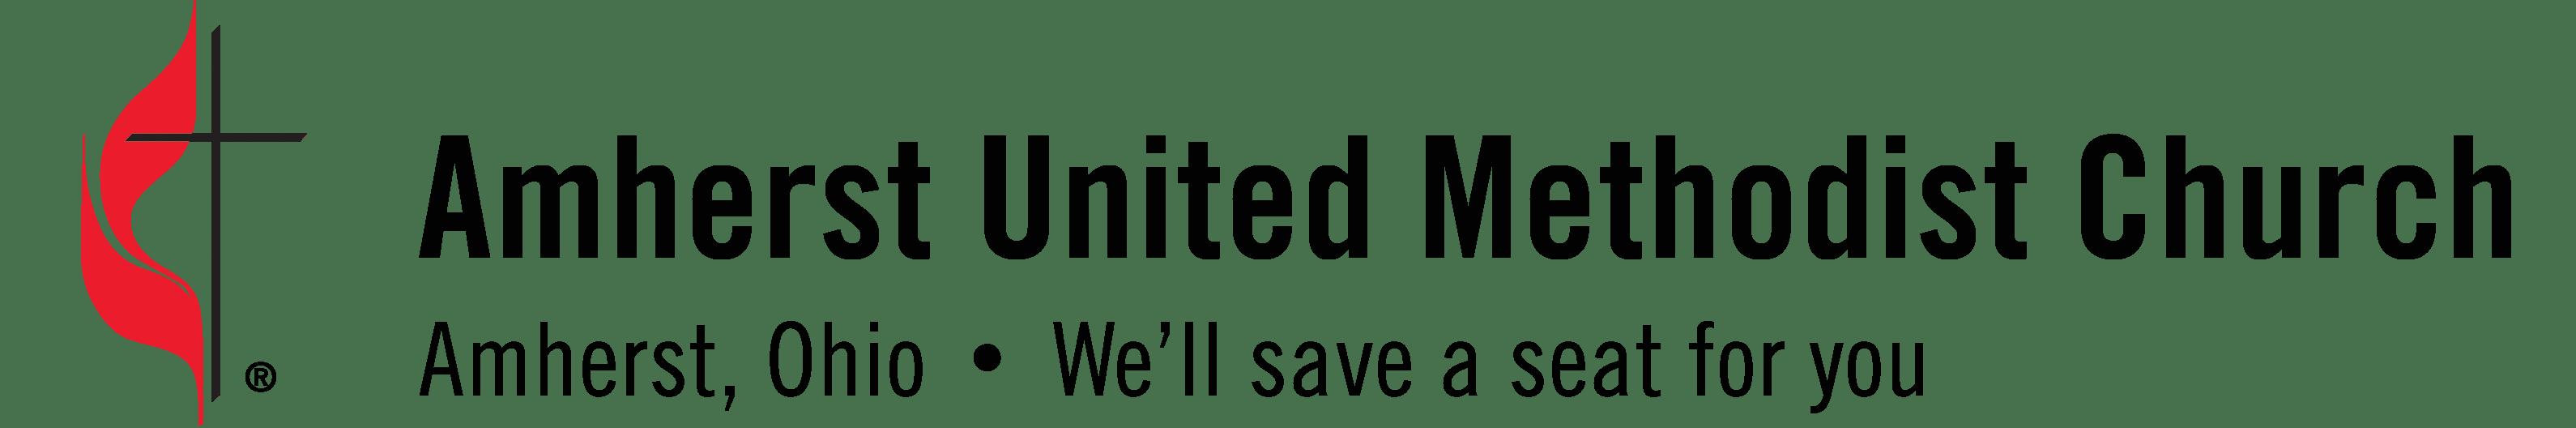 Amherst UMC